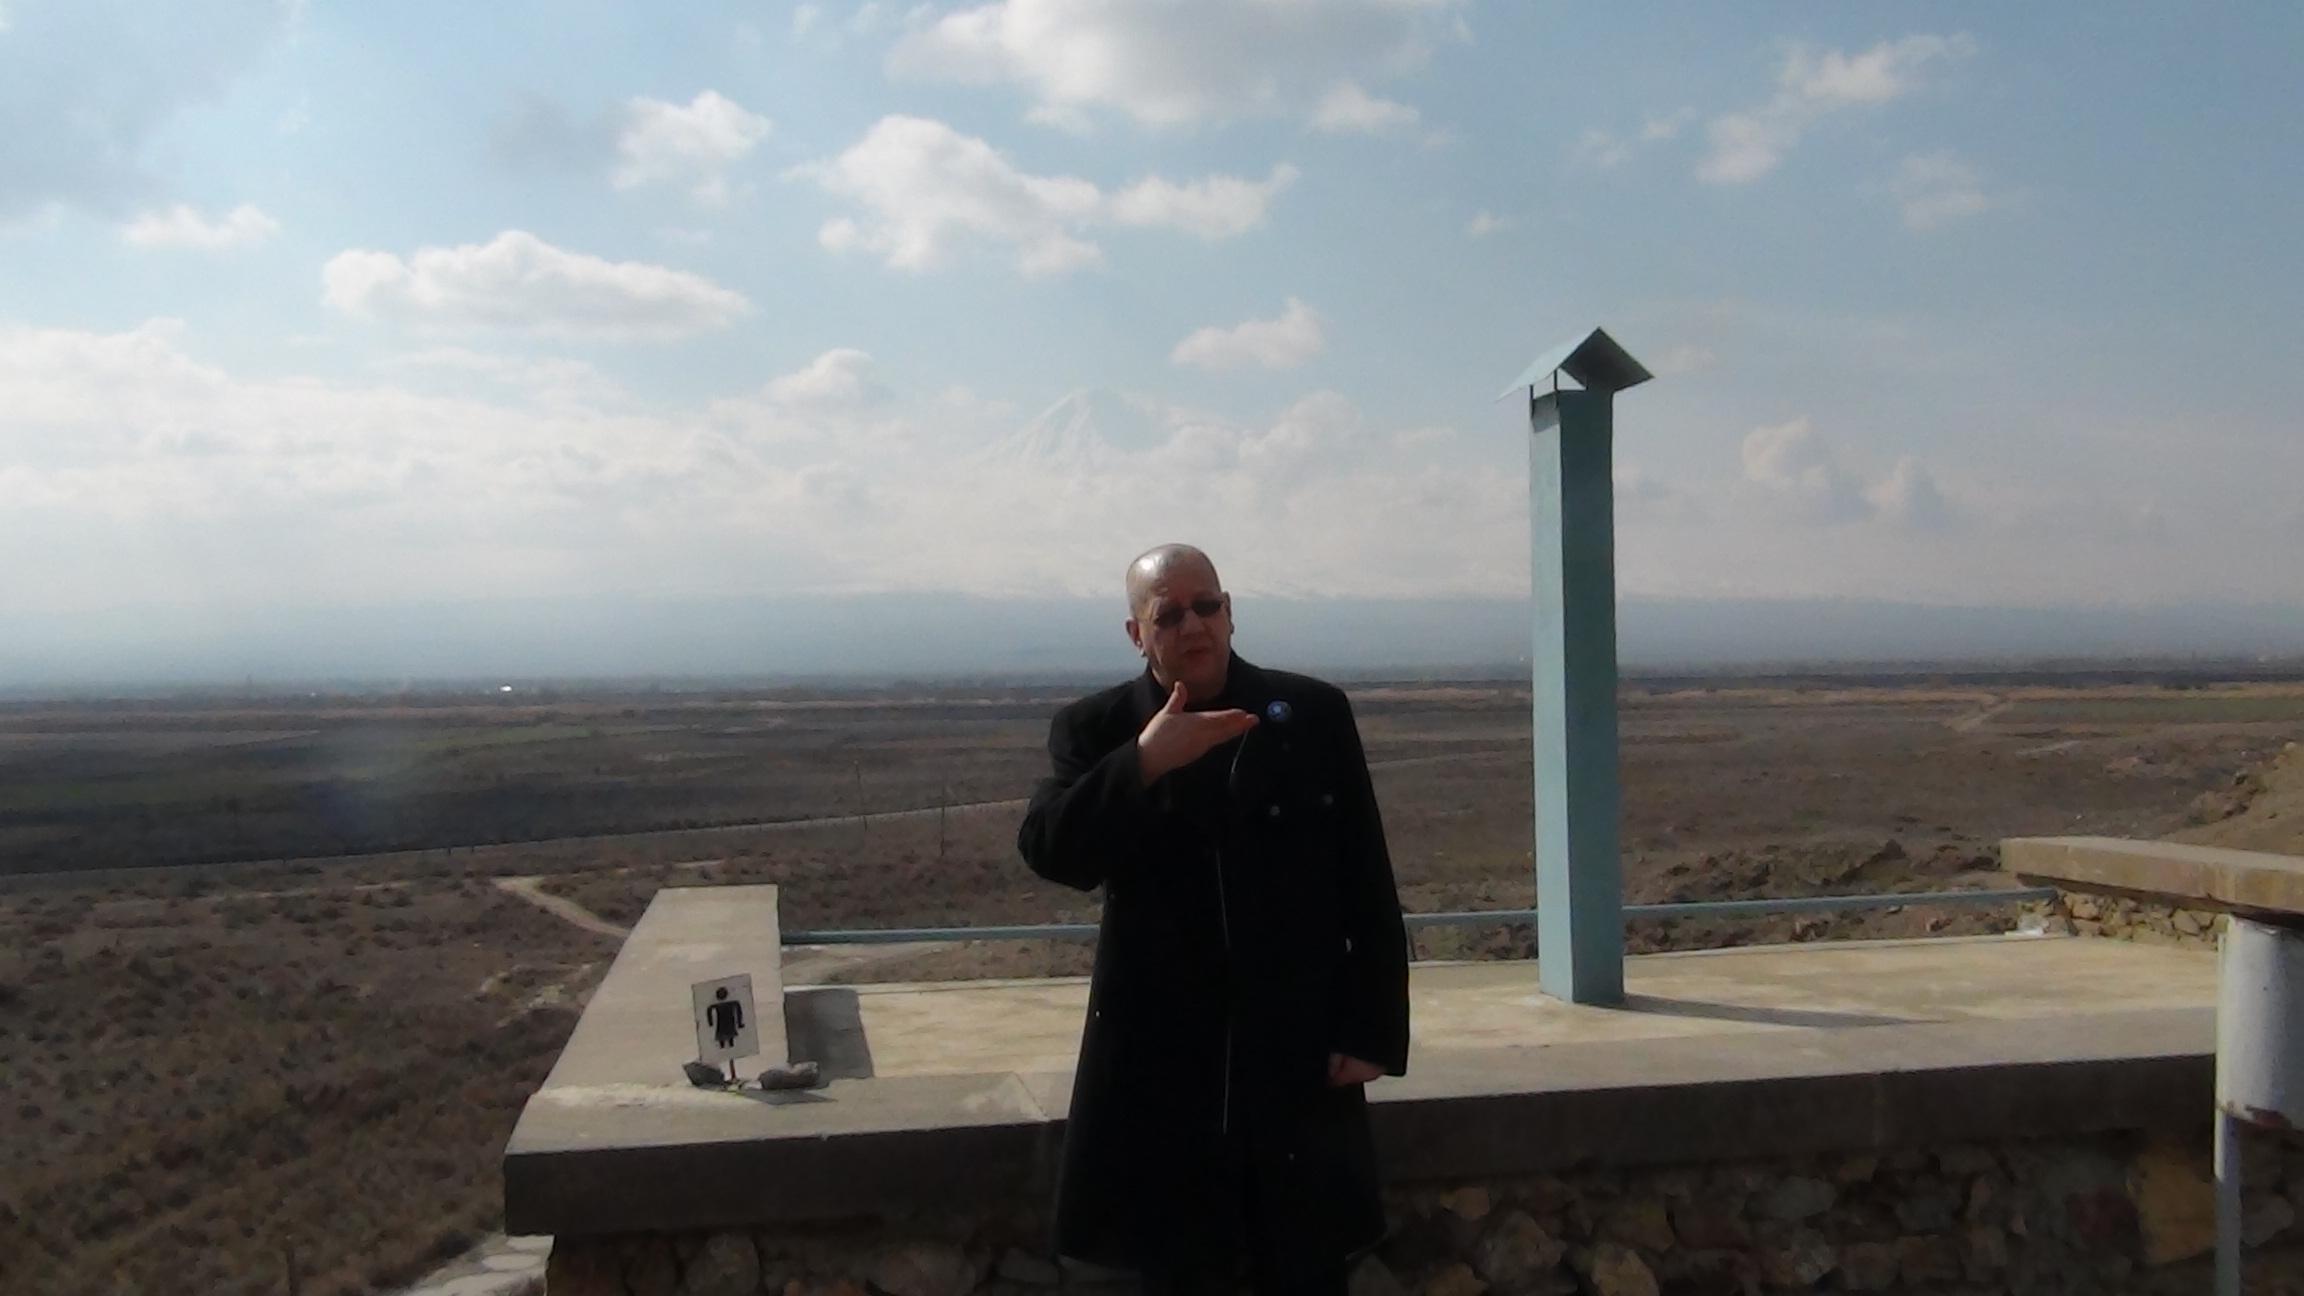 LM.GEOPOL - Armenia II nag karabakh   (2017 09 18) ENGL 1